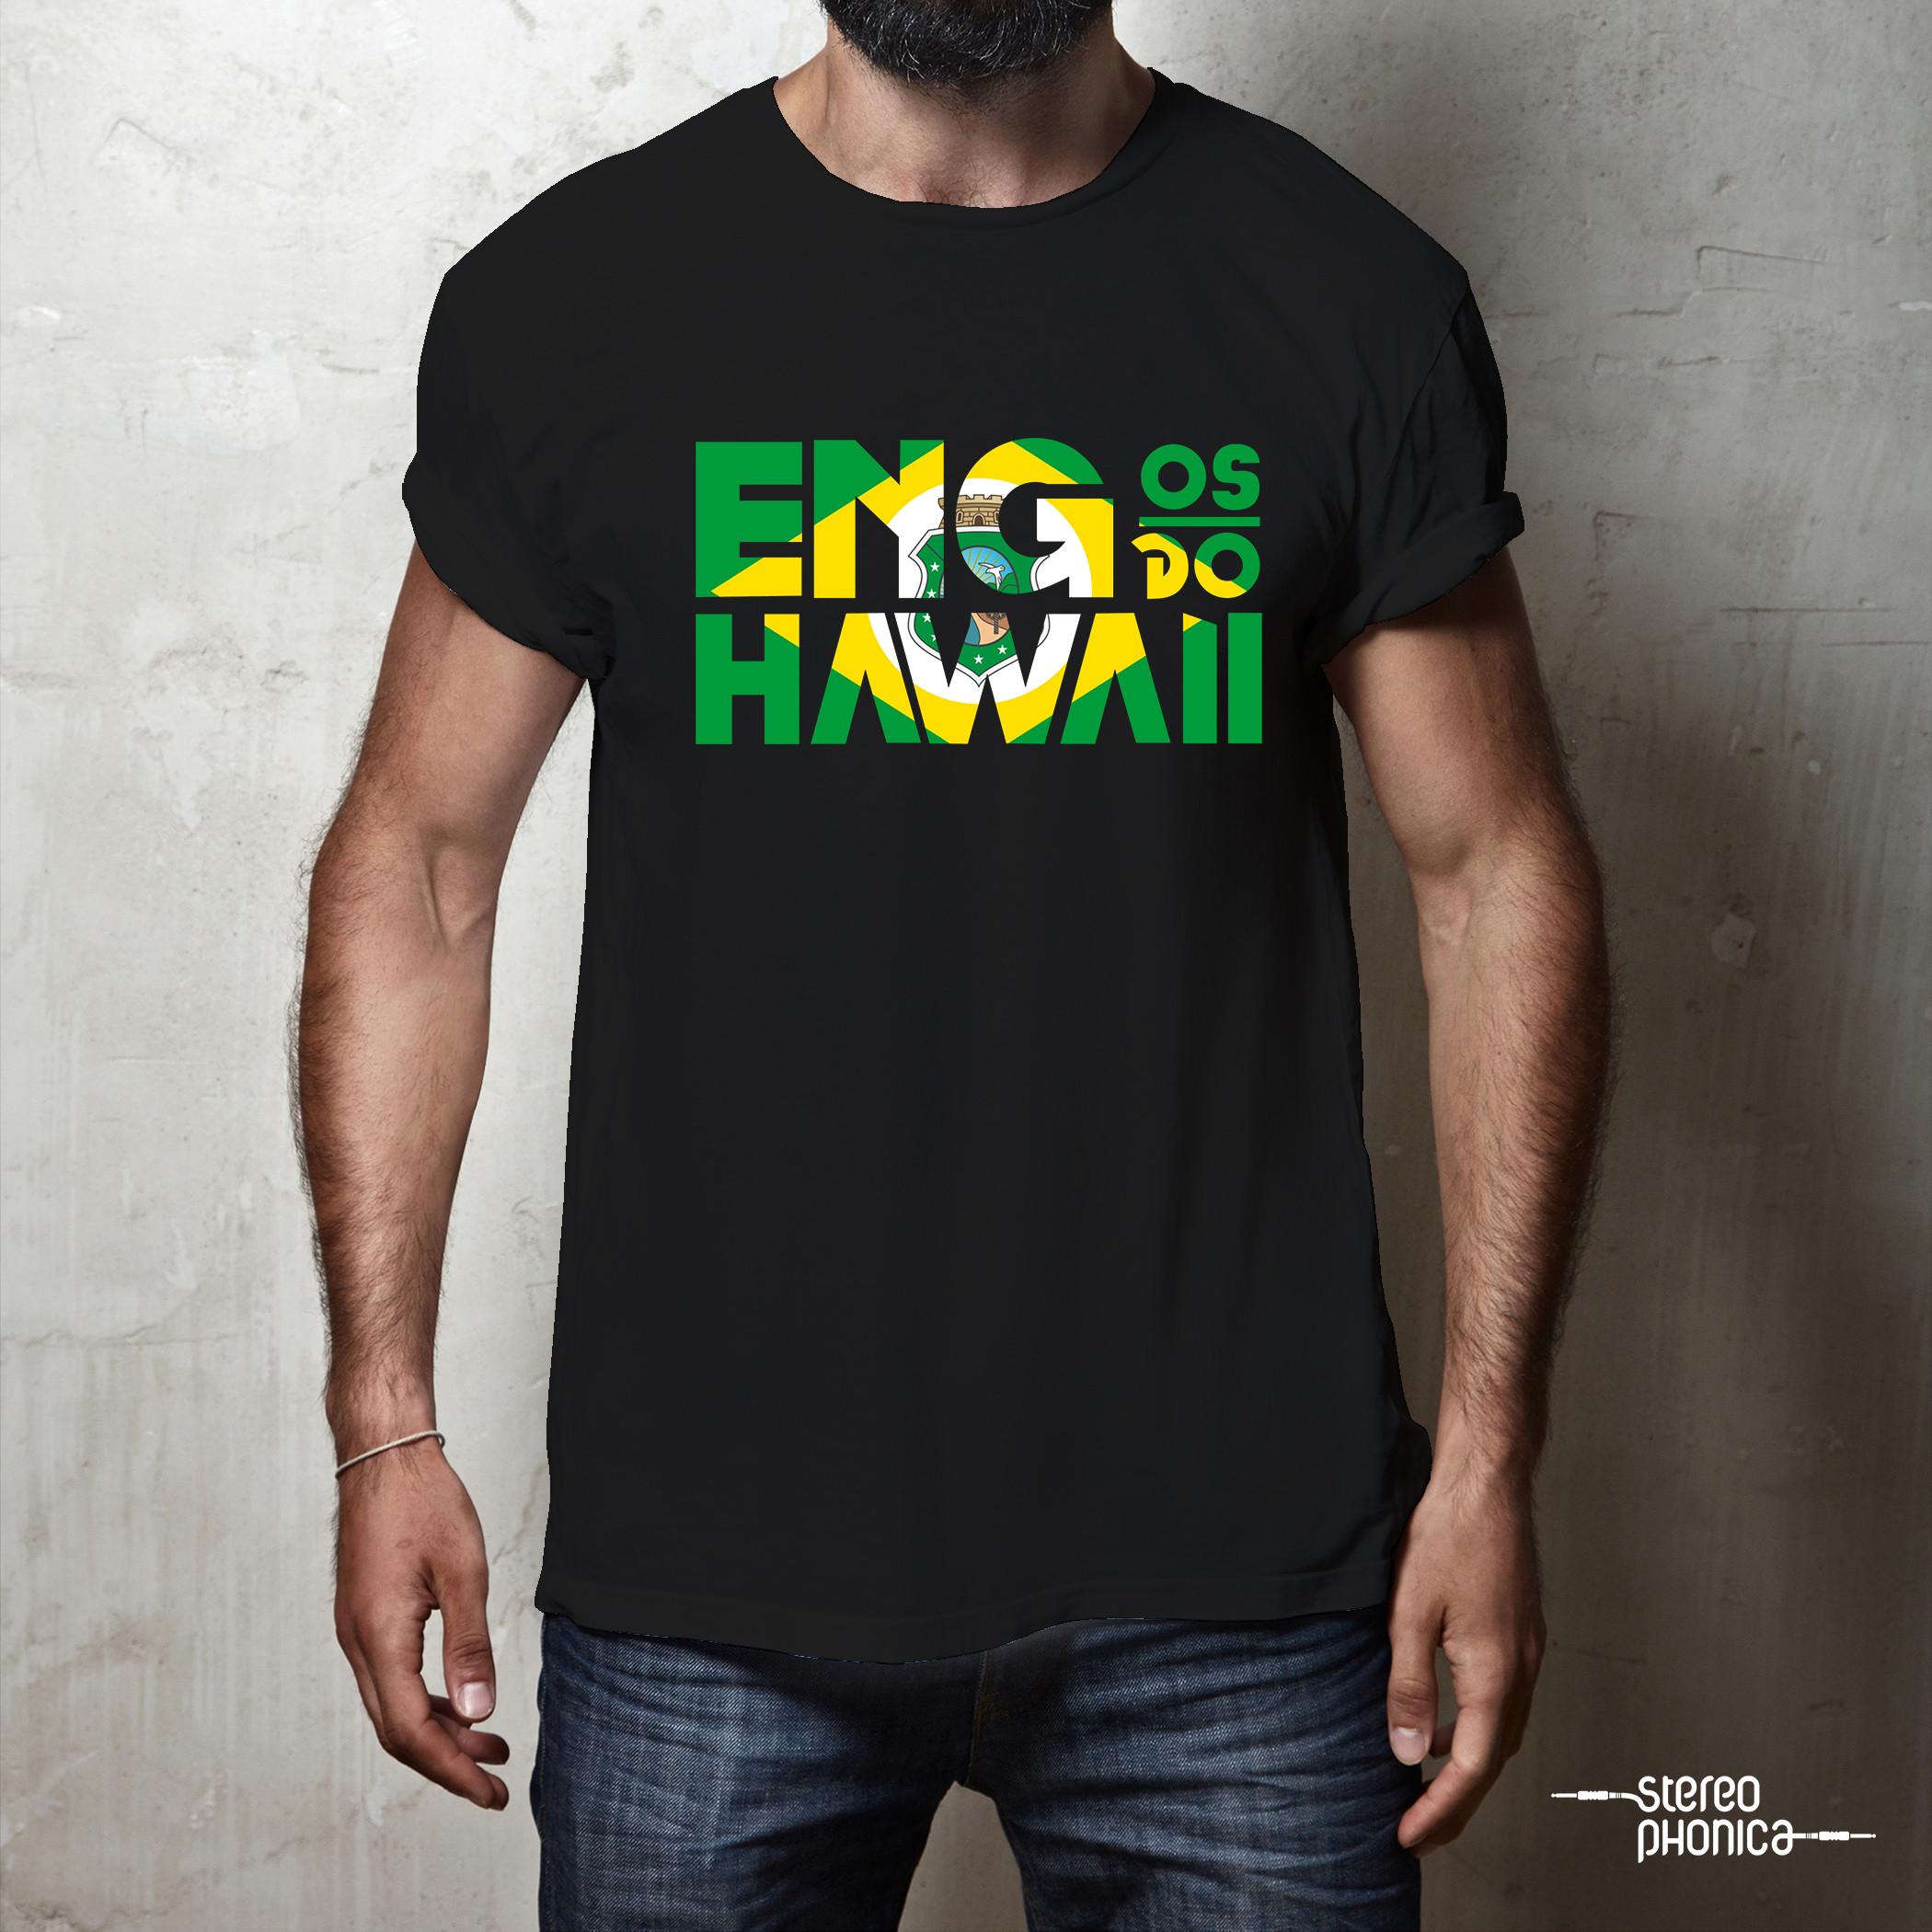 Camiseta Engenheiros do Hawaii - Ceará